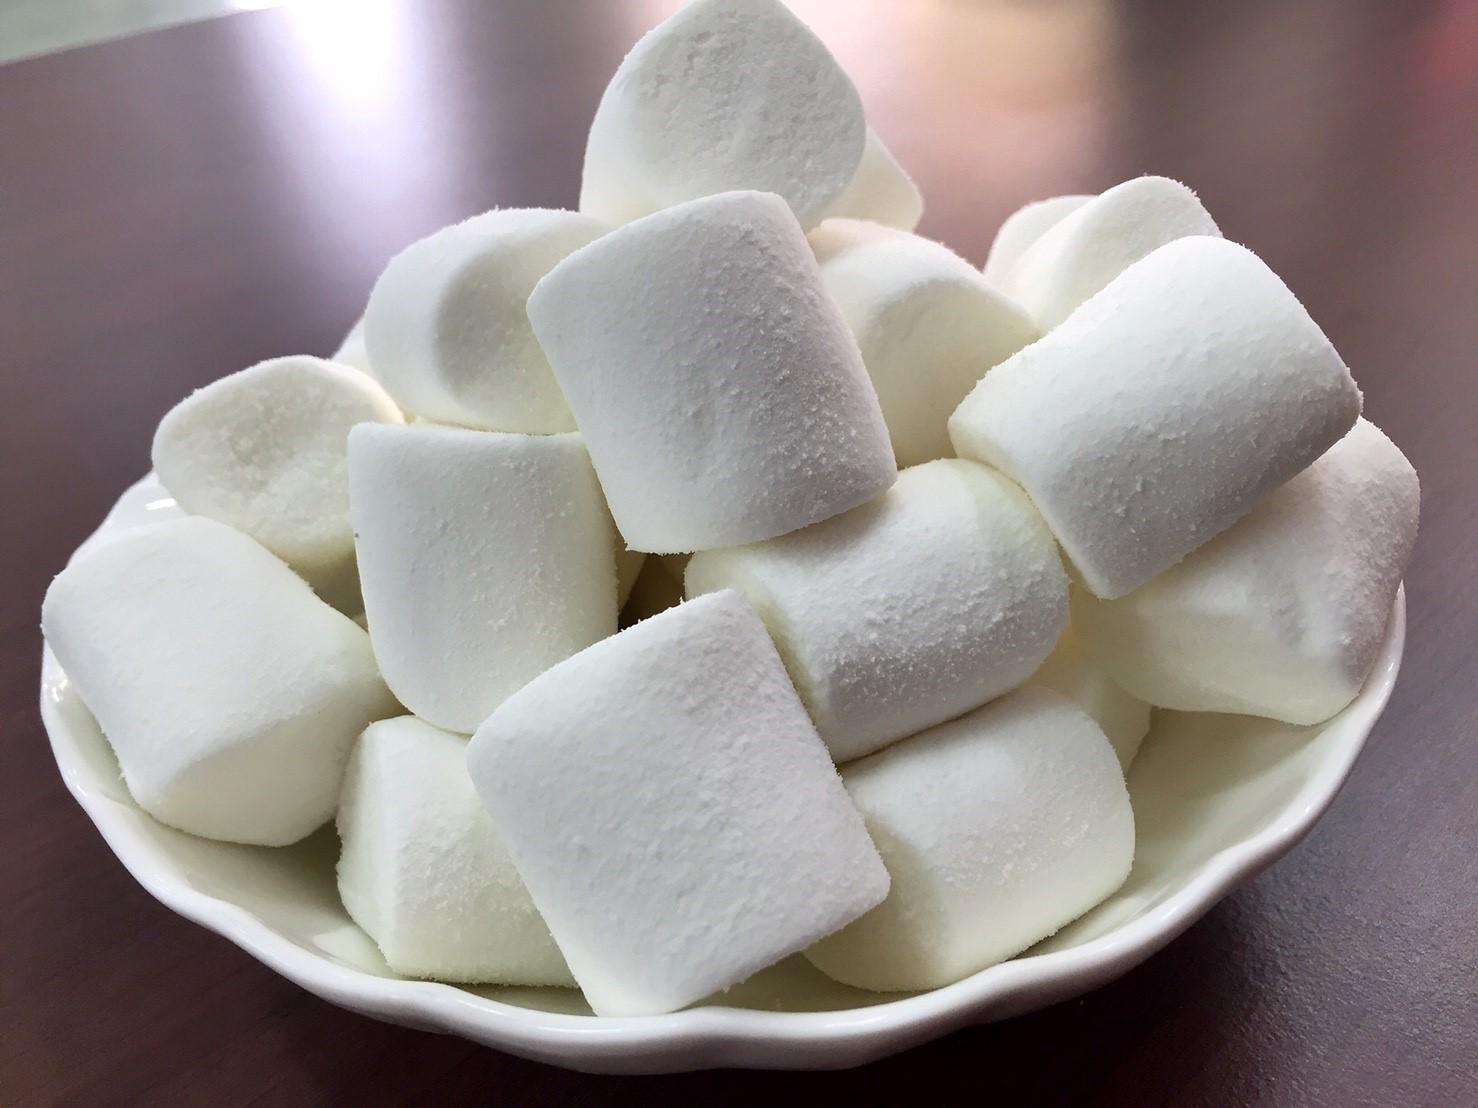 棉花糖(大白造型)